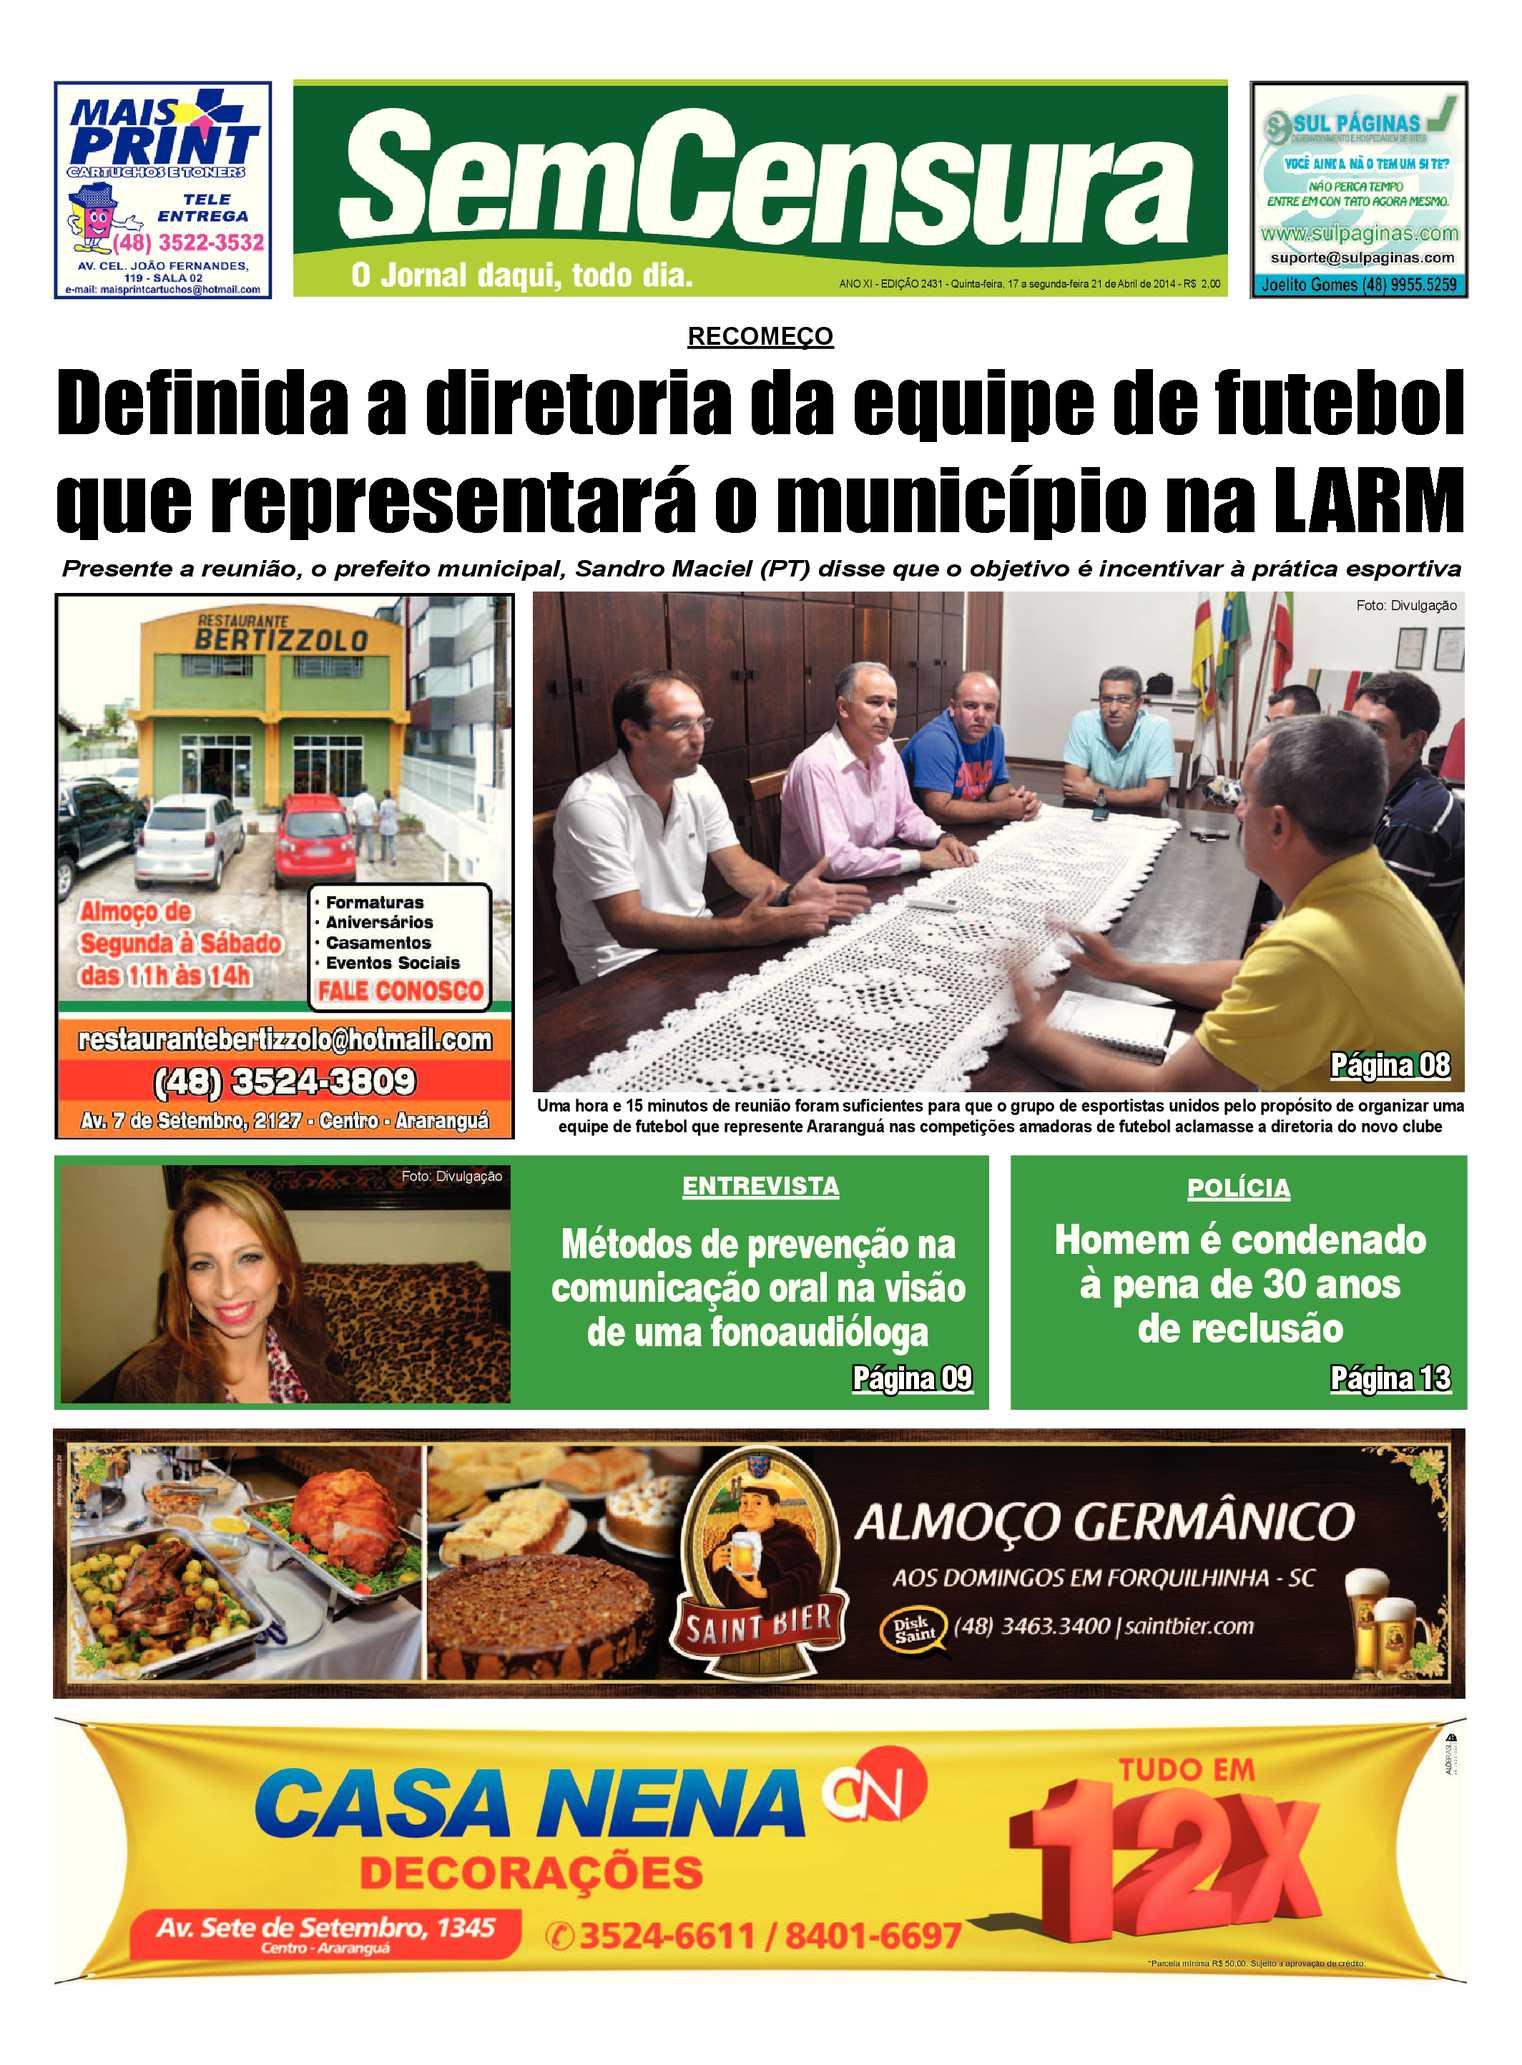 Calaméo - Jornal Sem Censura - Edição 2431 32c36509392dd